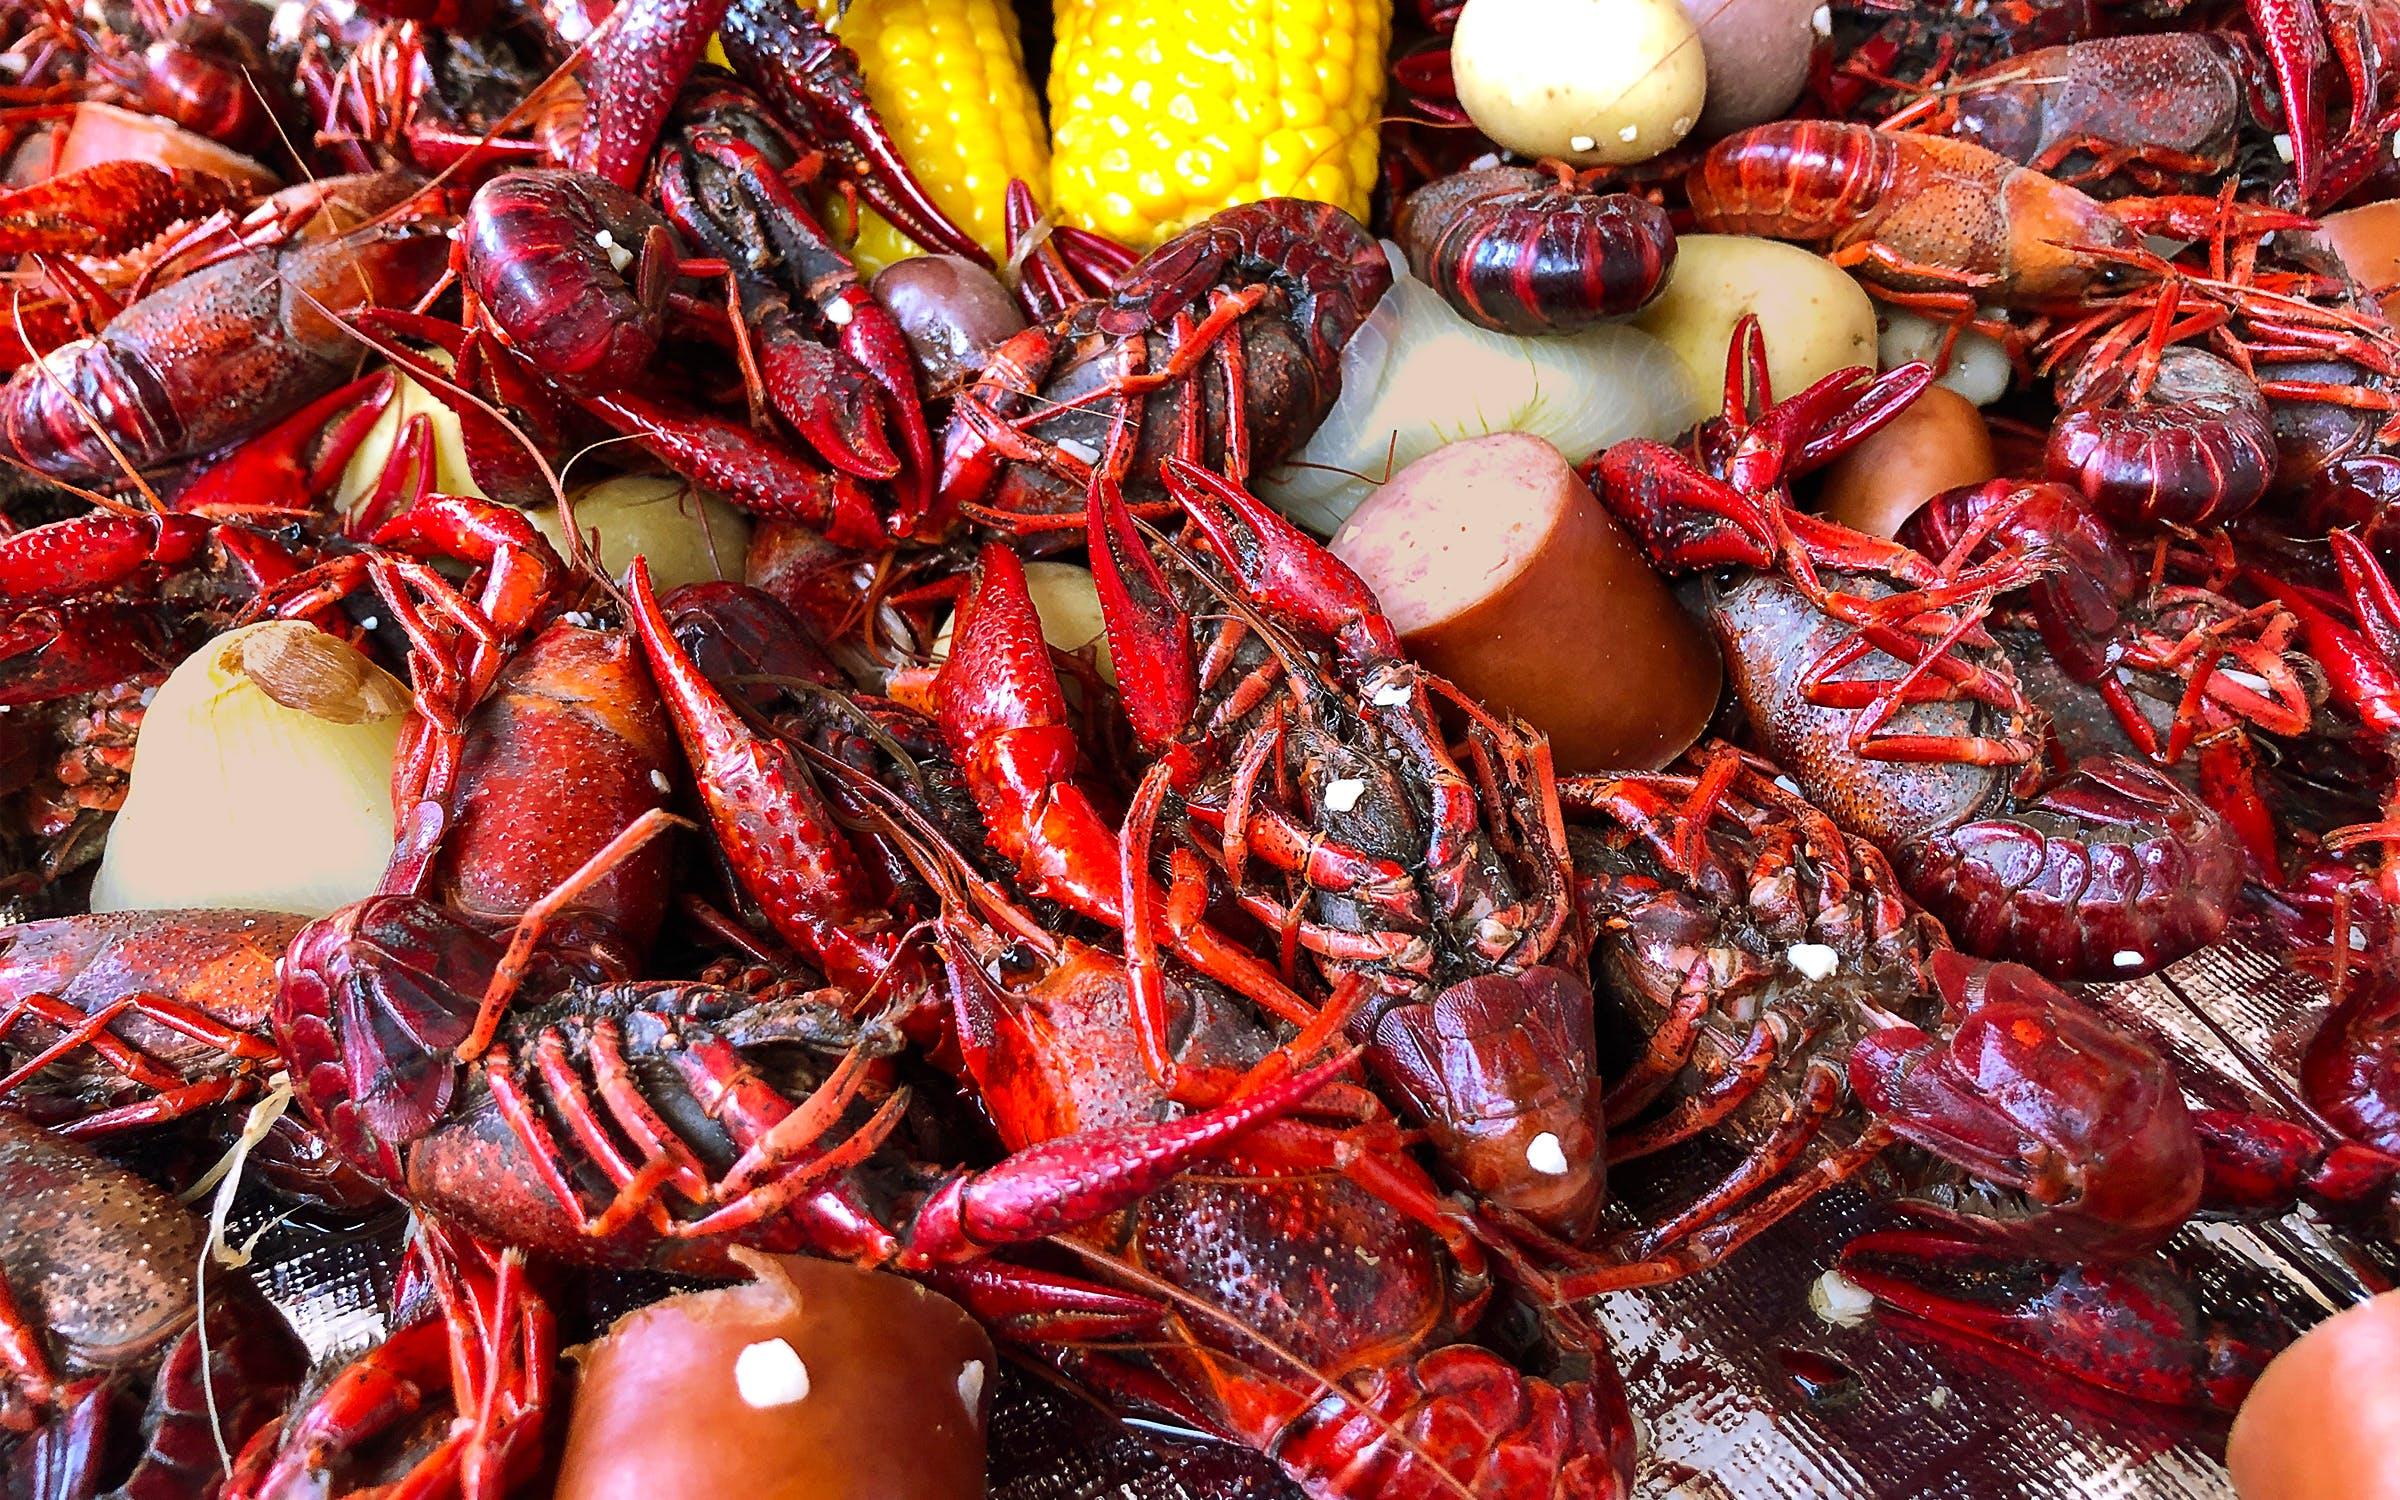 日本曾主动引进小龙虾,疑为处理尸体,为何现将其列为入侵物种?